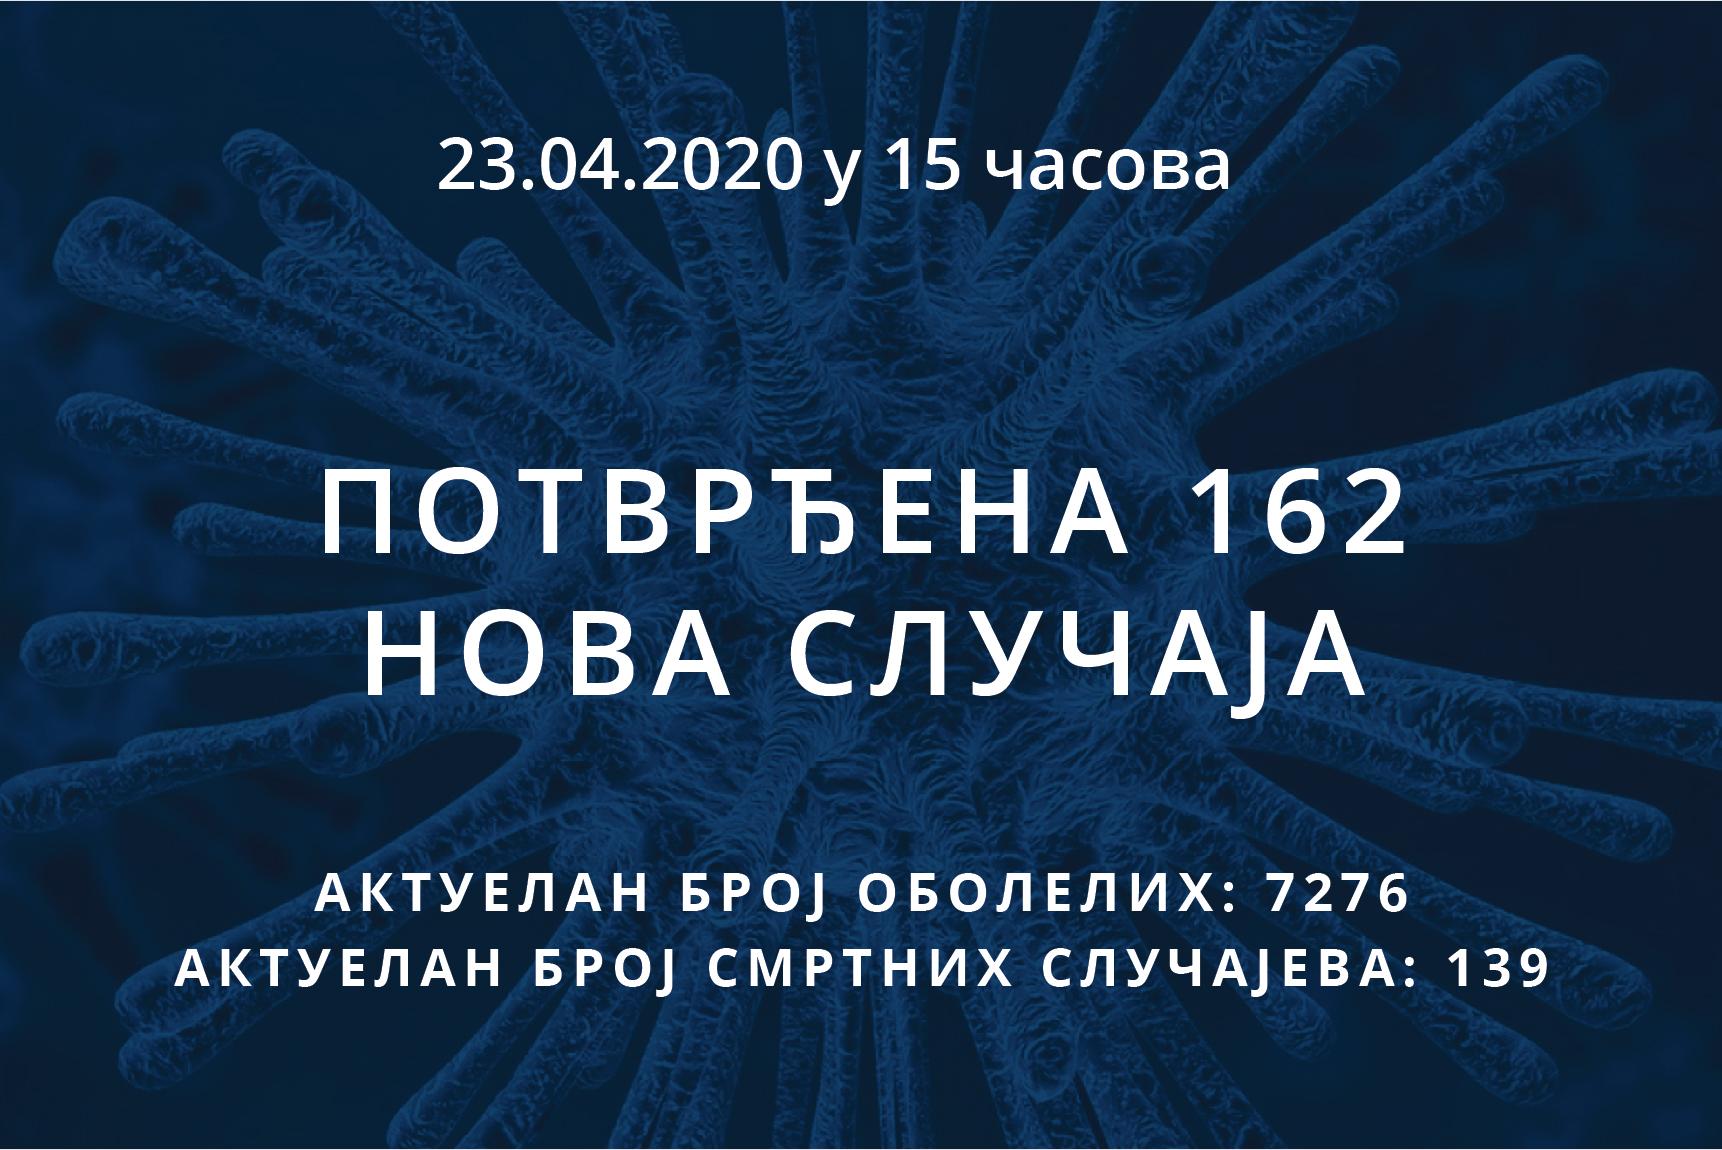 Информације о корона вирусу COVID-19, 23.04.2020 у 15 часова